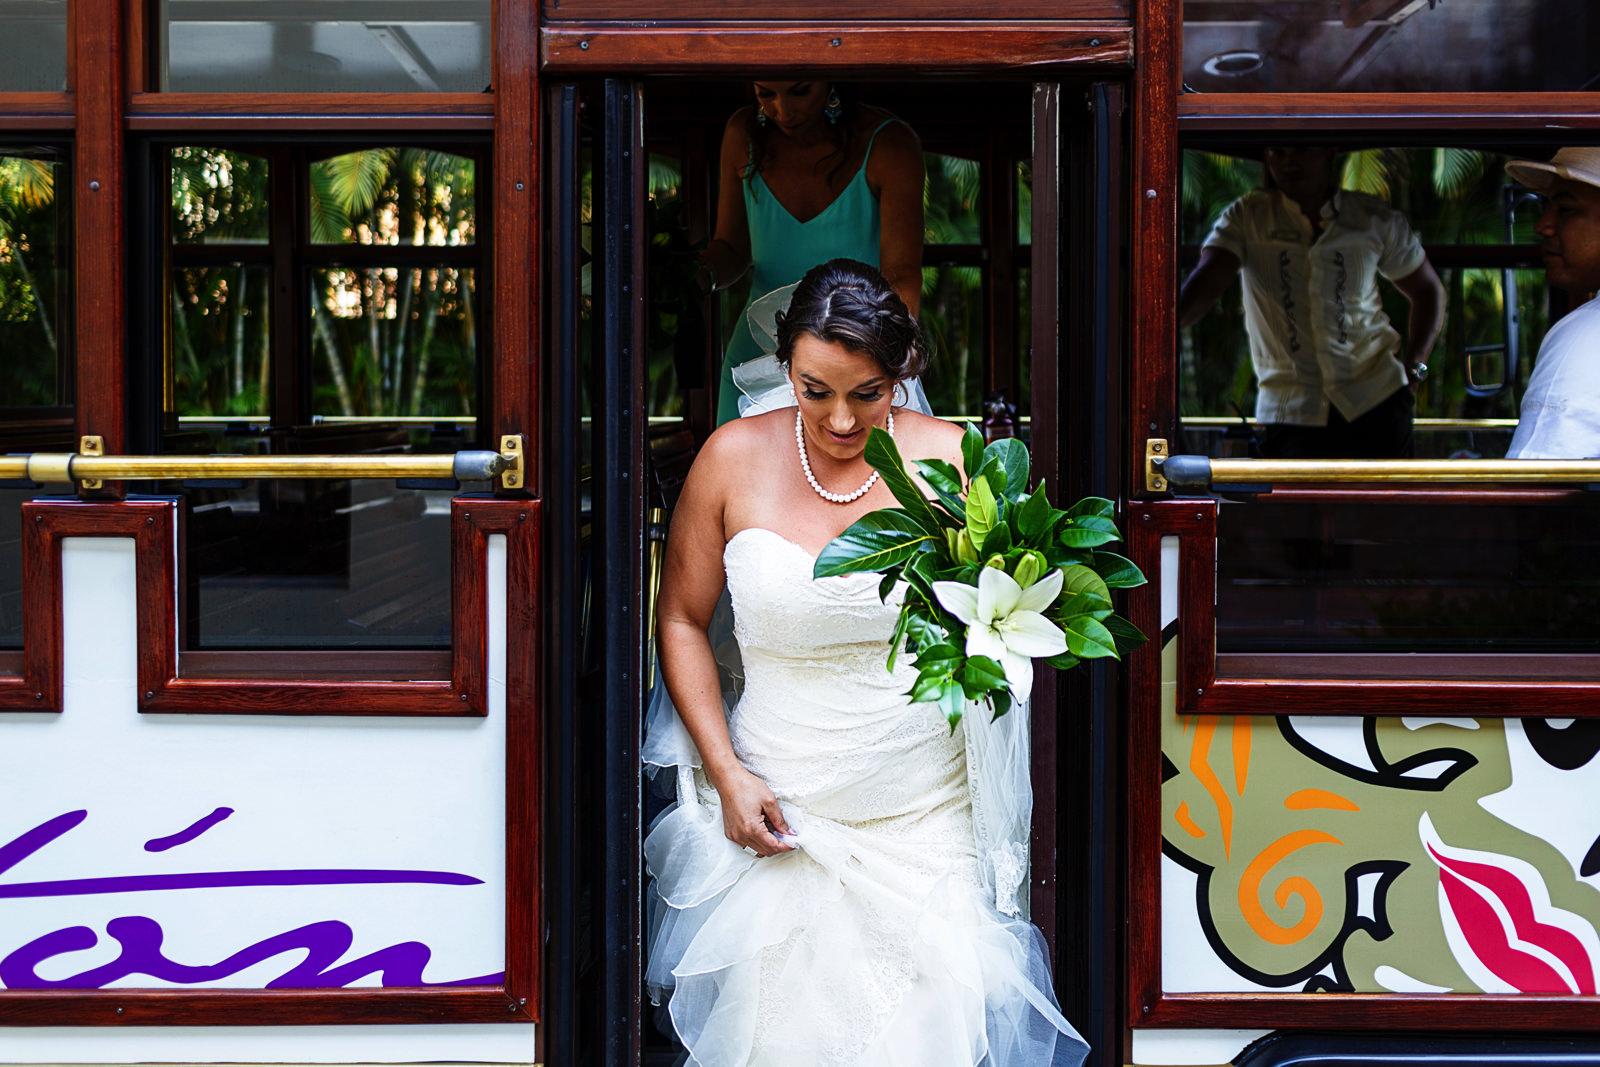 bride-getting-off-the-train